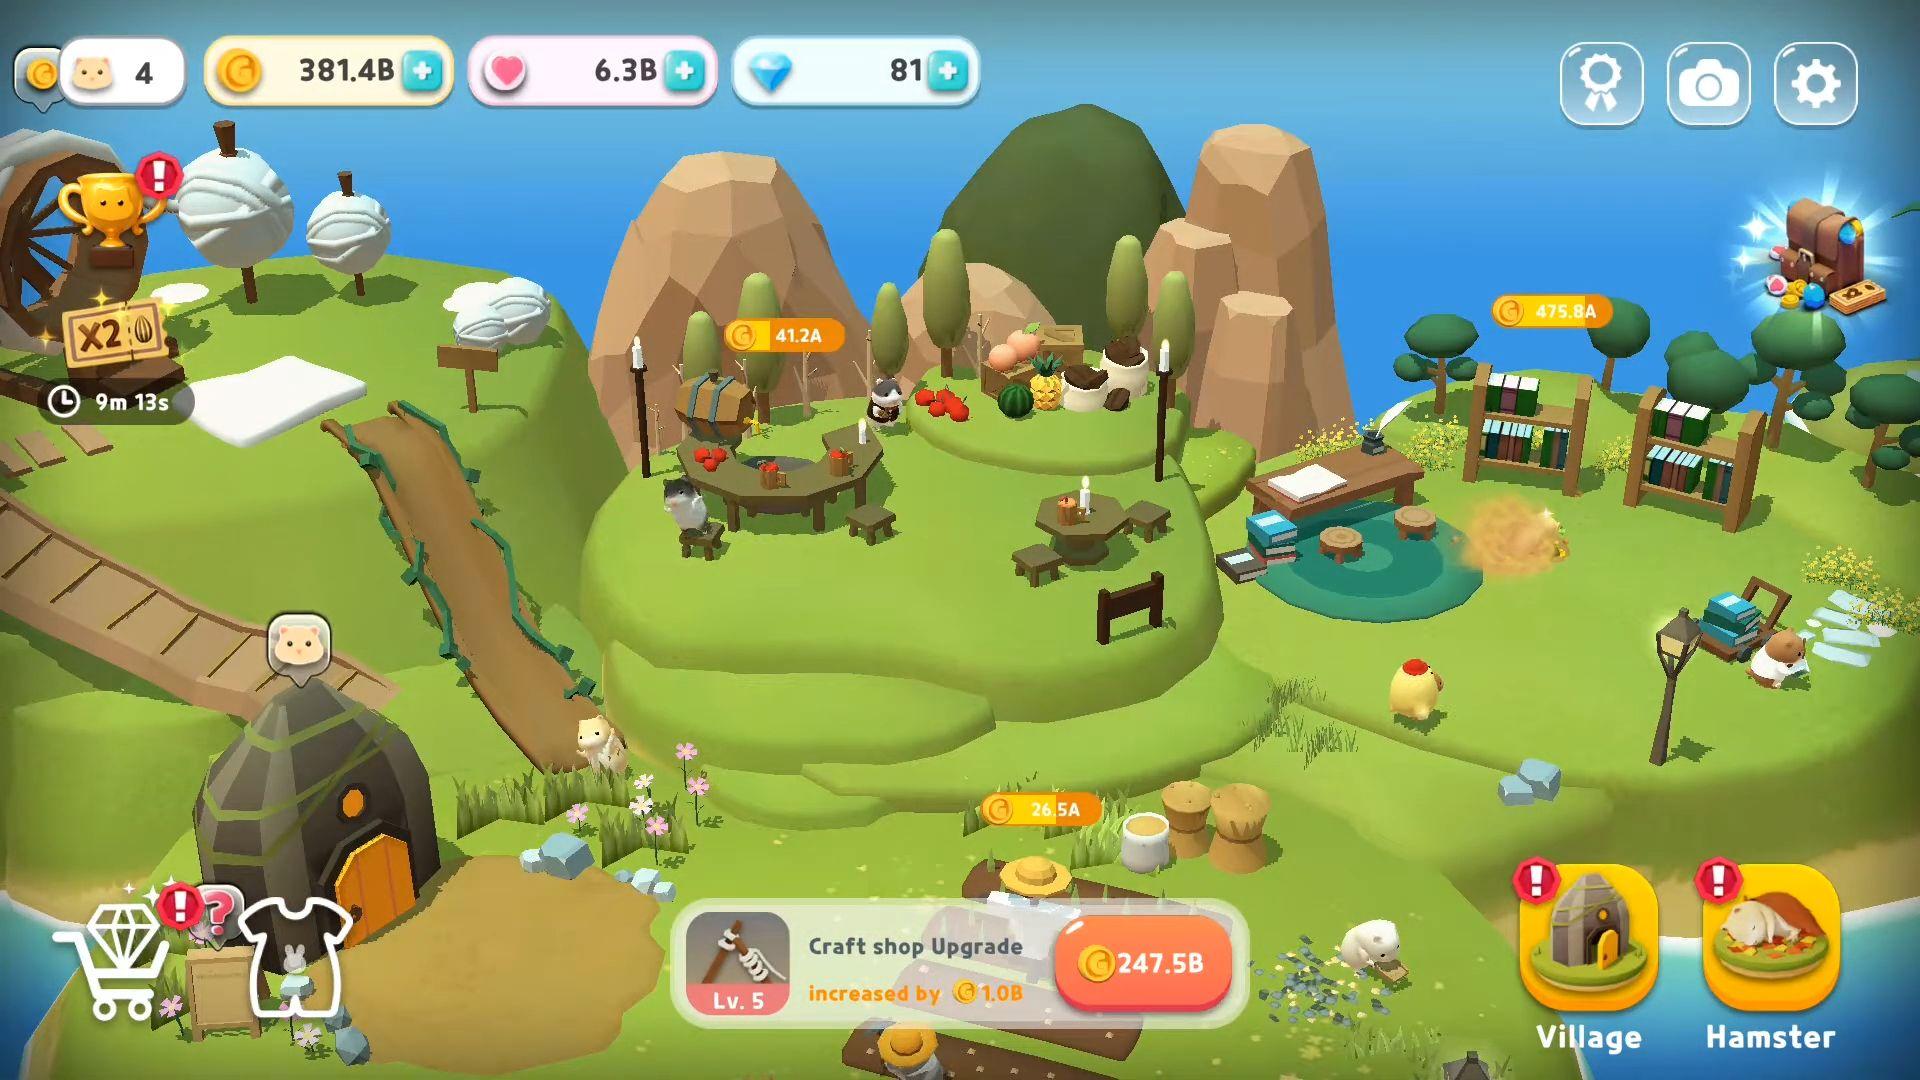 Hamster Village capture d'écran 1